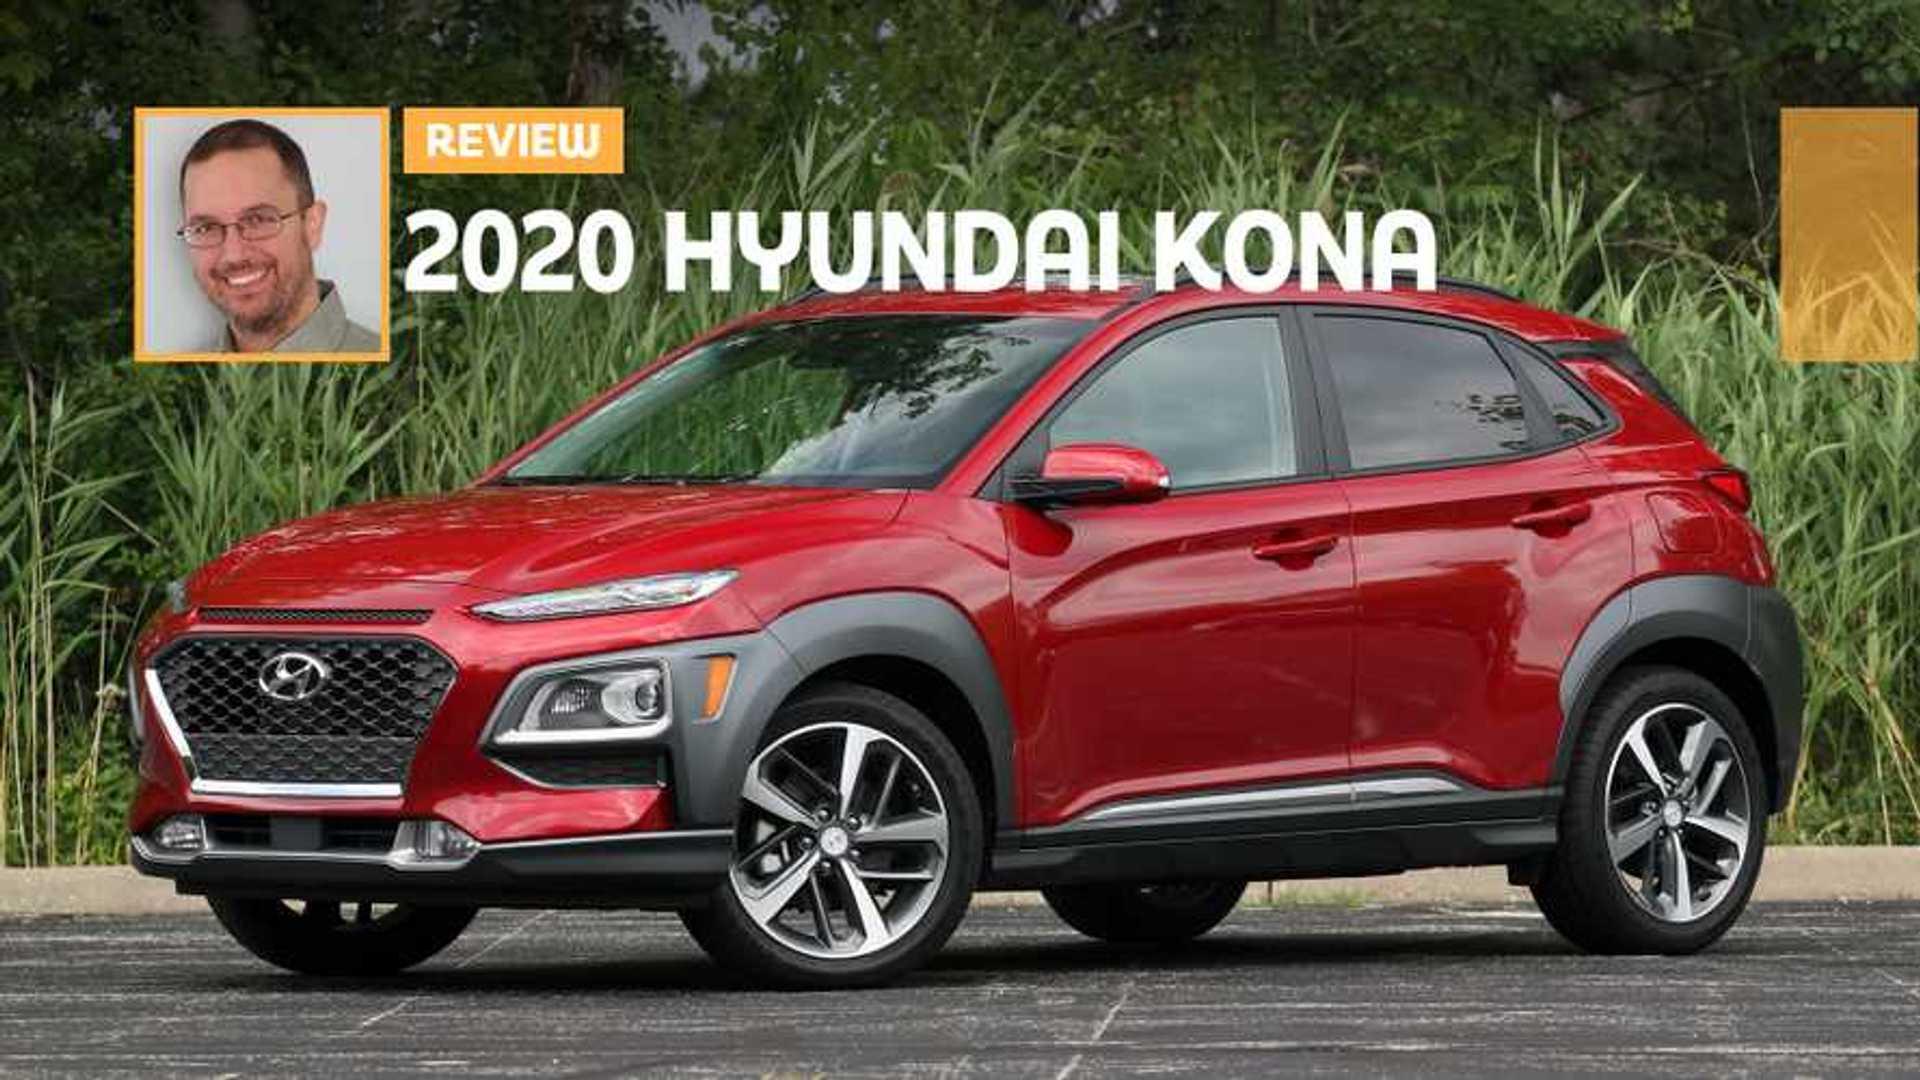 Hyundai kona price 2020